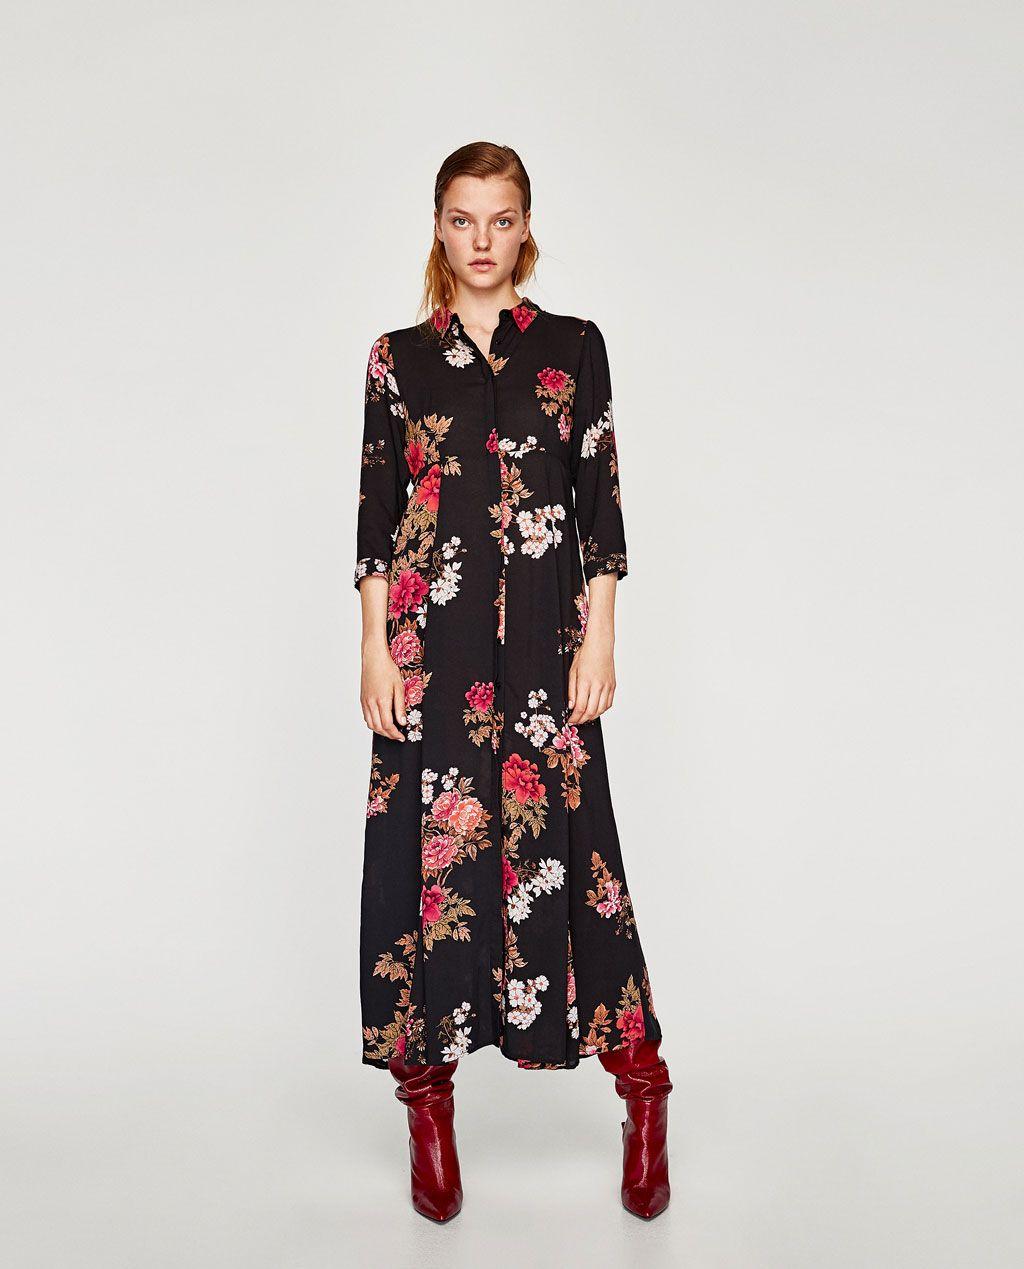 5e07ae92b9 VESTIDO LARGO ESTAMPADO FLORAL | Moda | Floral print maxi dress ...